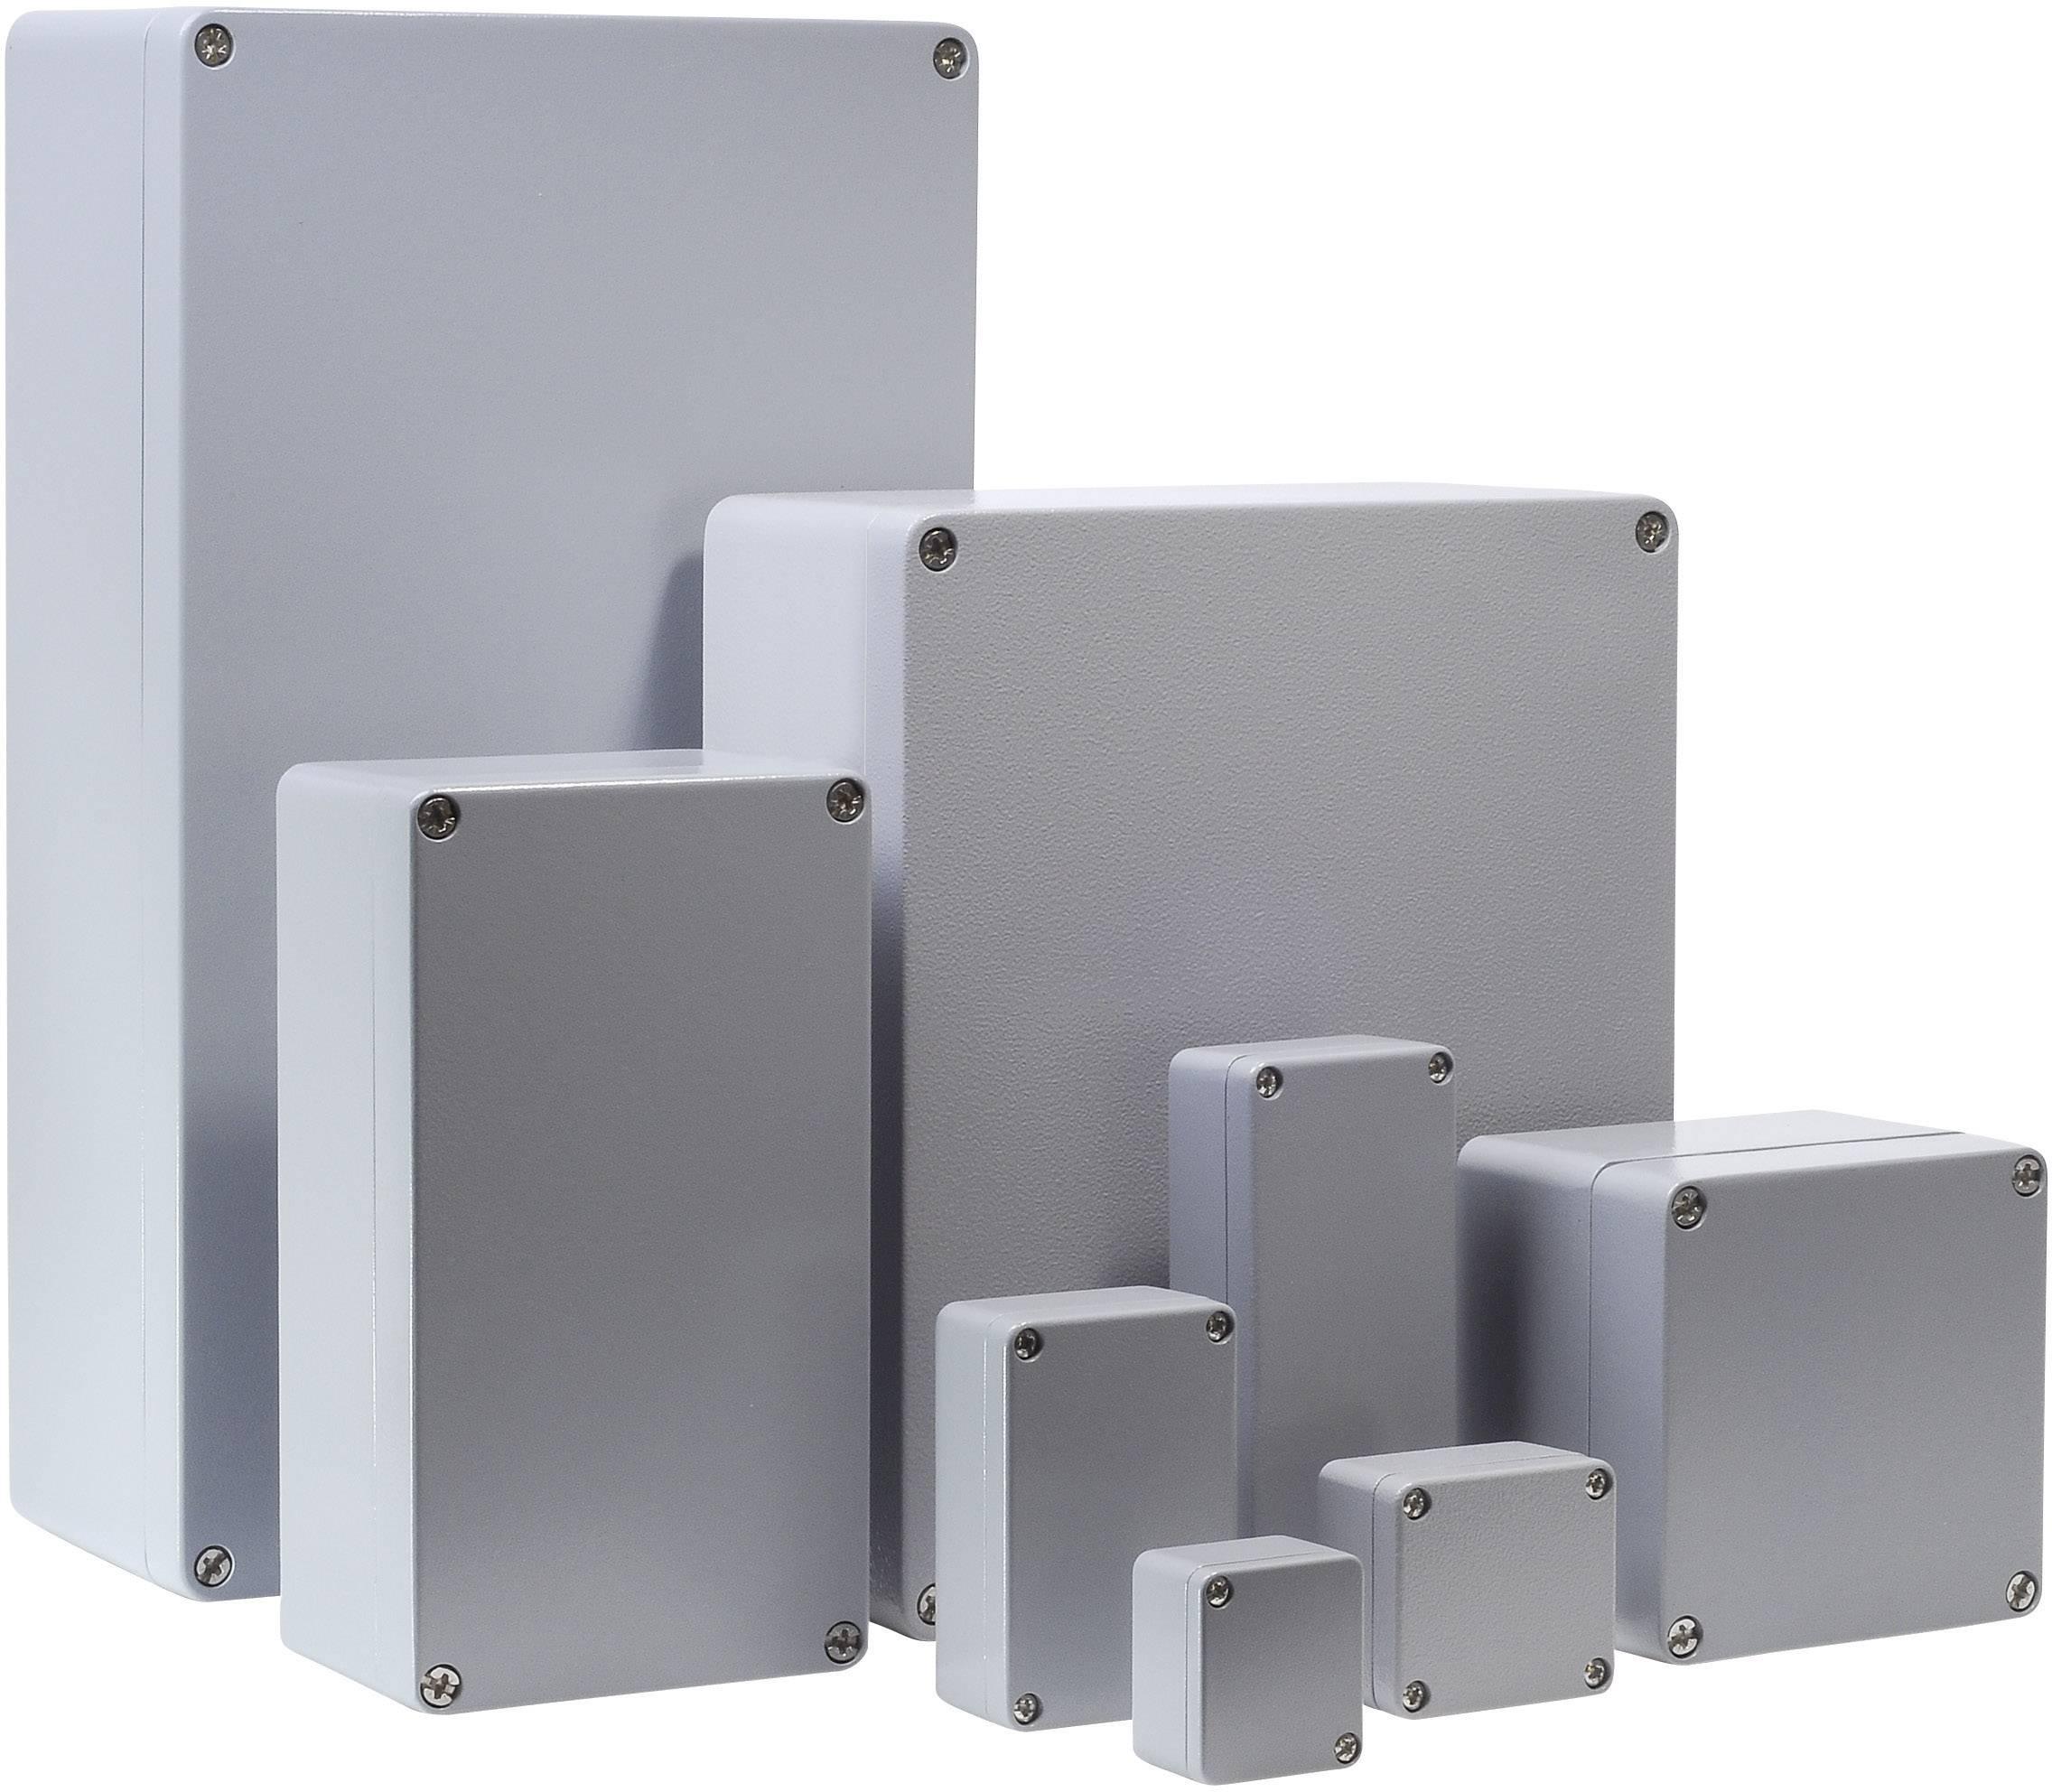 Univerzální pouzdro hliníkové Bernstein AG CA-170, (d x š x v) 175 x 80 x 57 mm, stříbrná